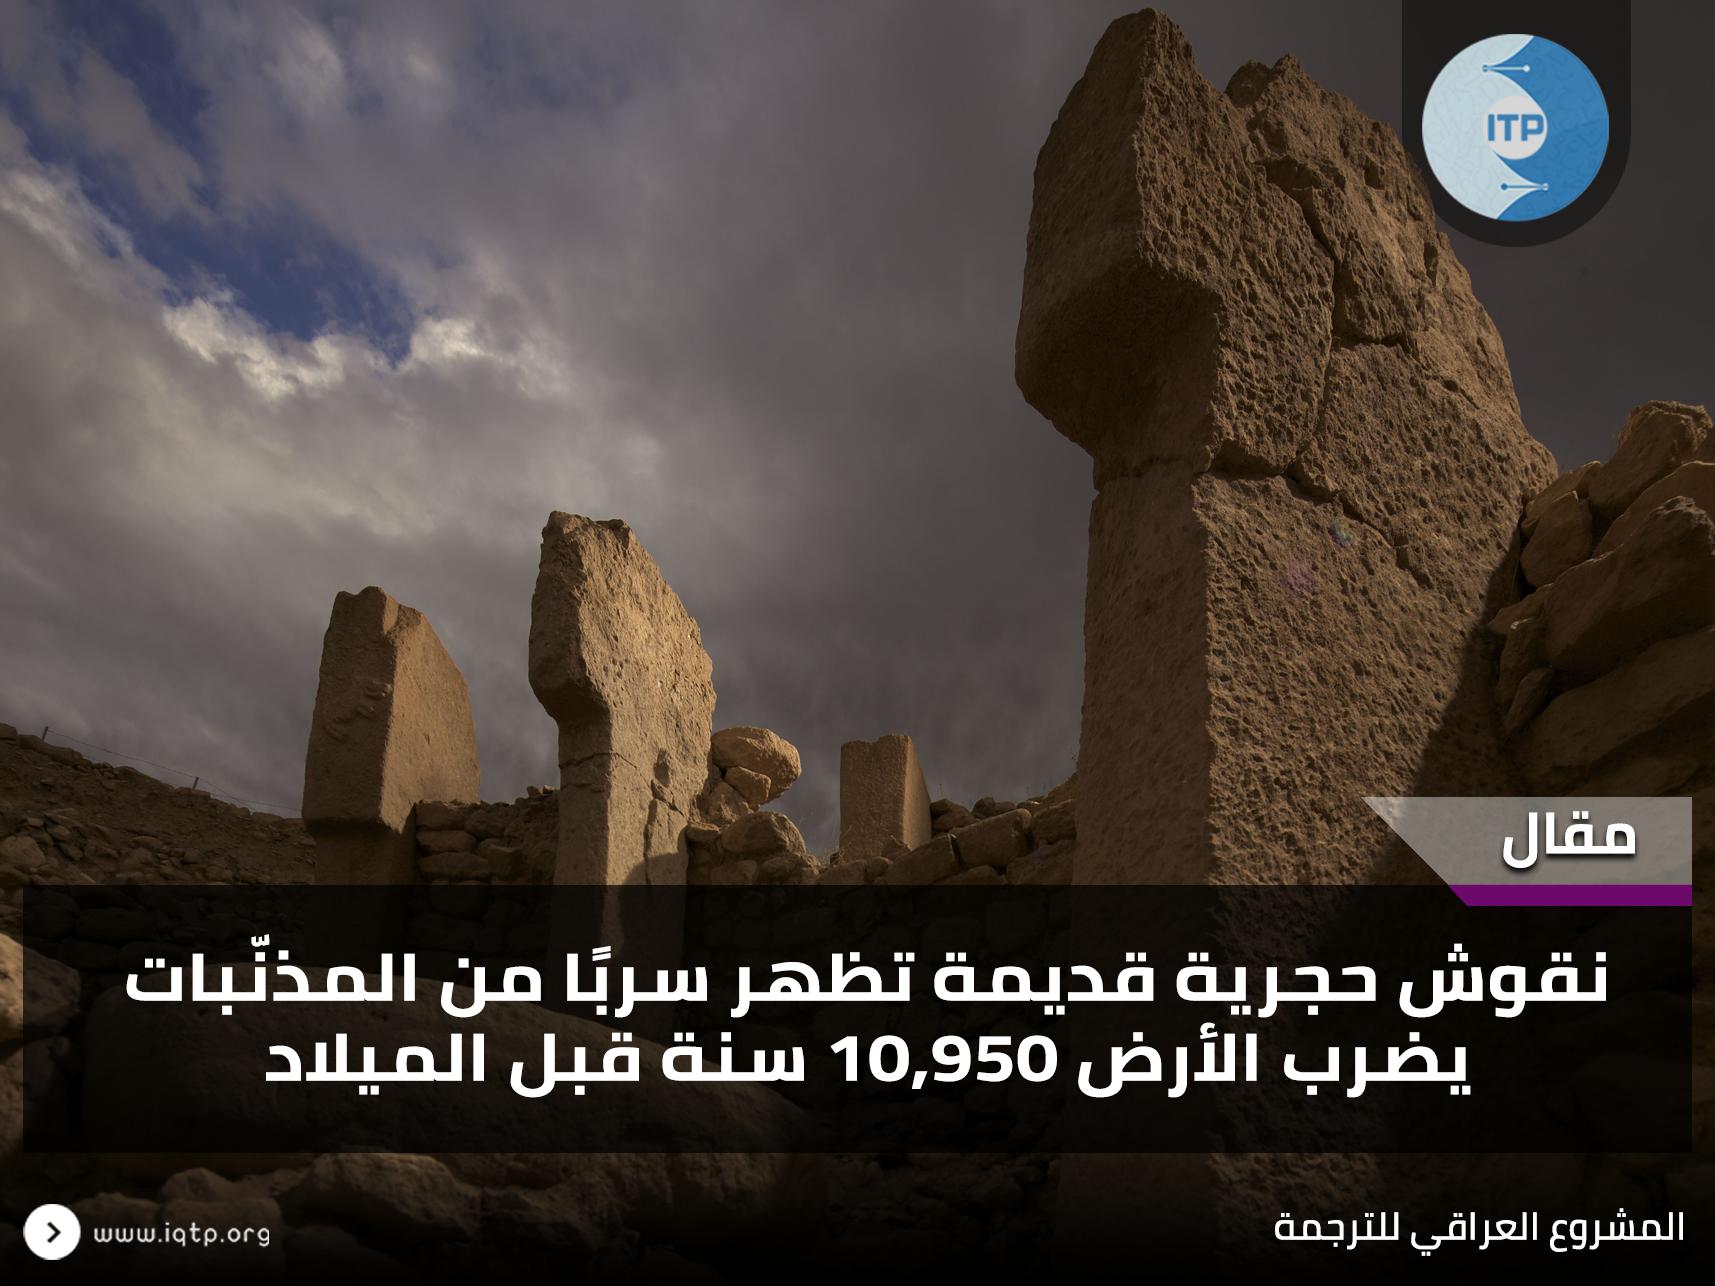 نقوش حجرية قديمة تظهر سربًا من المذنّبات يضرب الأرض 10,950 سنة قبل الميلاد